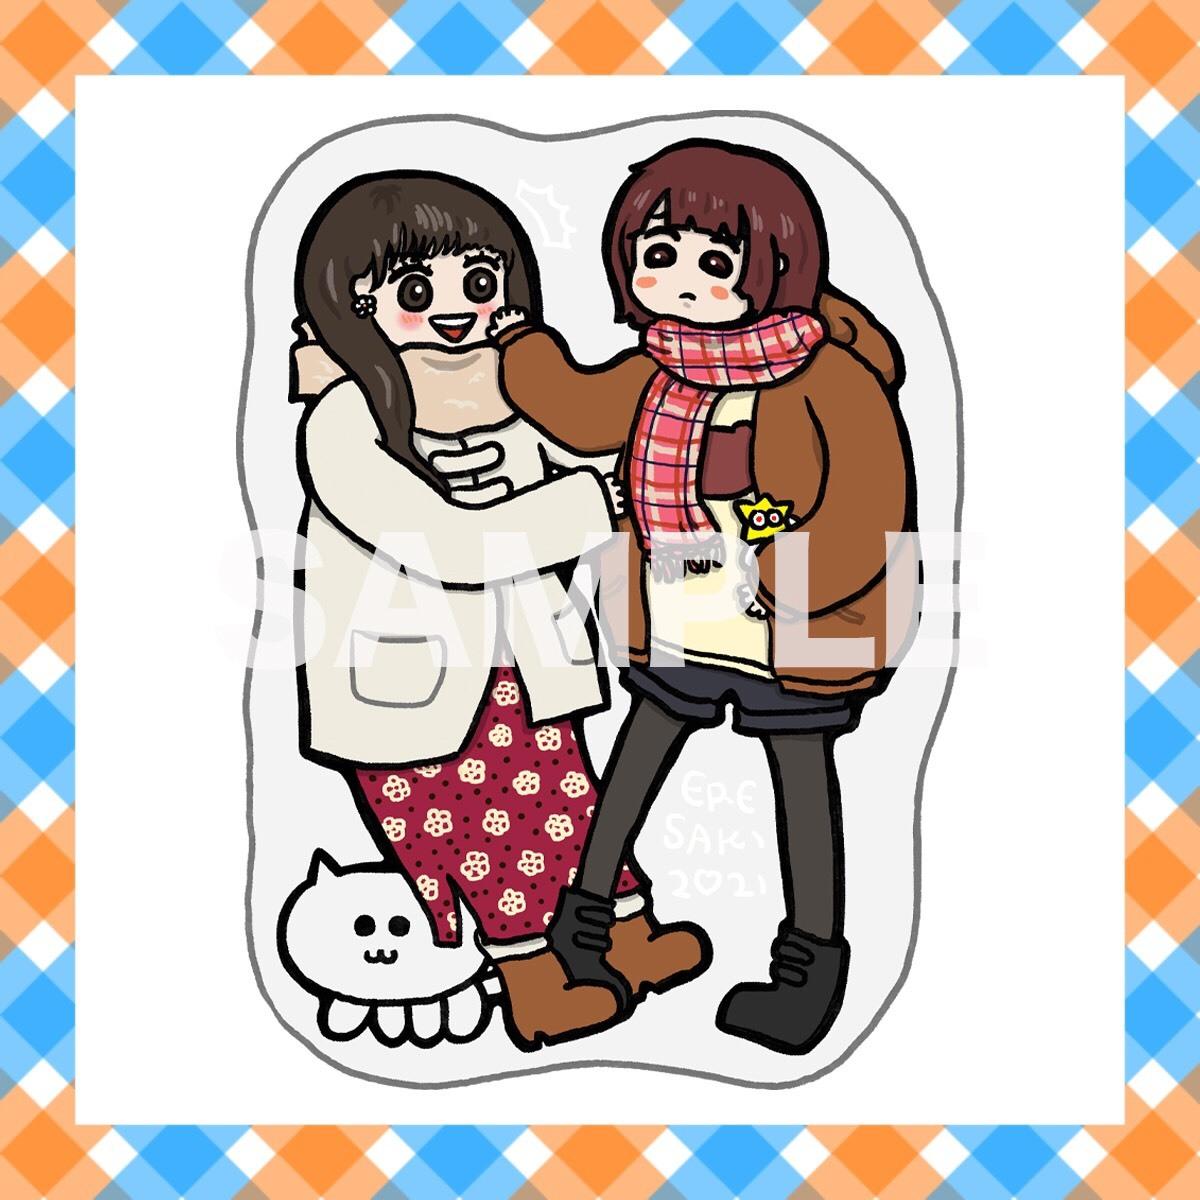 【コラボ商品】絵恋ちゃん×里咲りさ イチャイチャアクリルスタンド